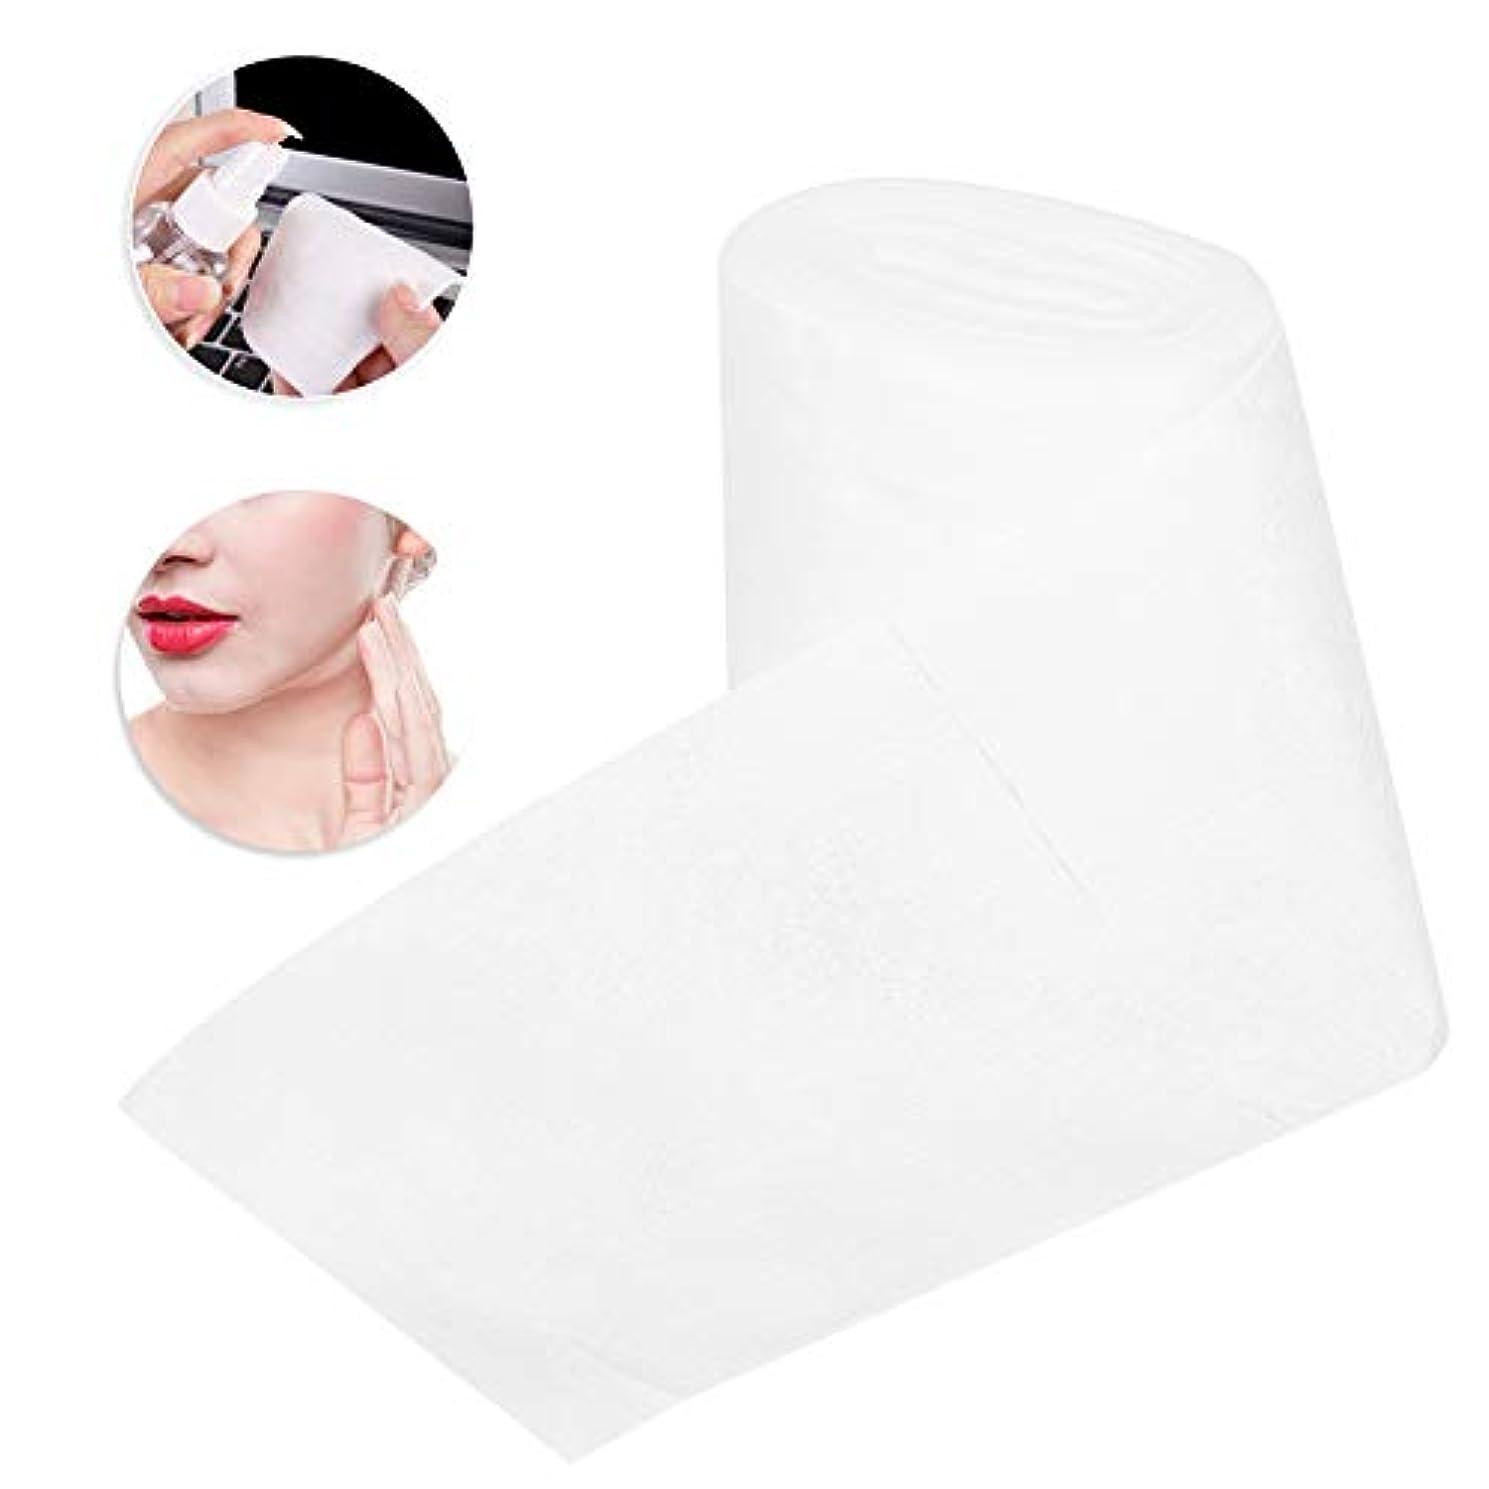 不正直スポンジタービン不織布 使い捨てタオル メイクアップはクレンジングフェイシャルメイクアップ除去のための綿パッドを拭きます、しっとりと乾燥することができます